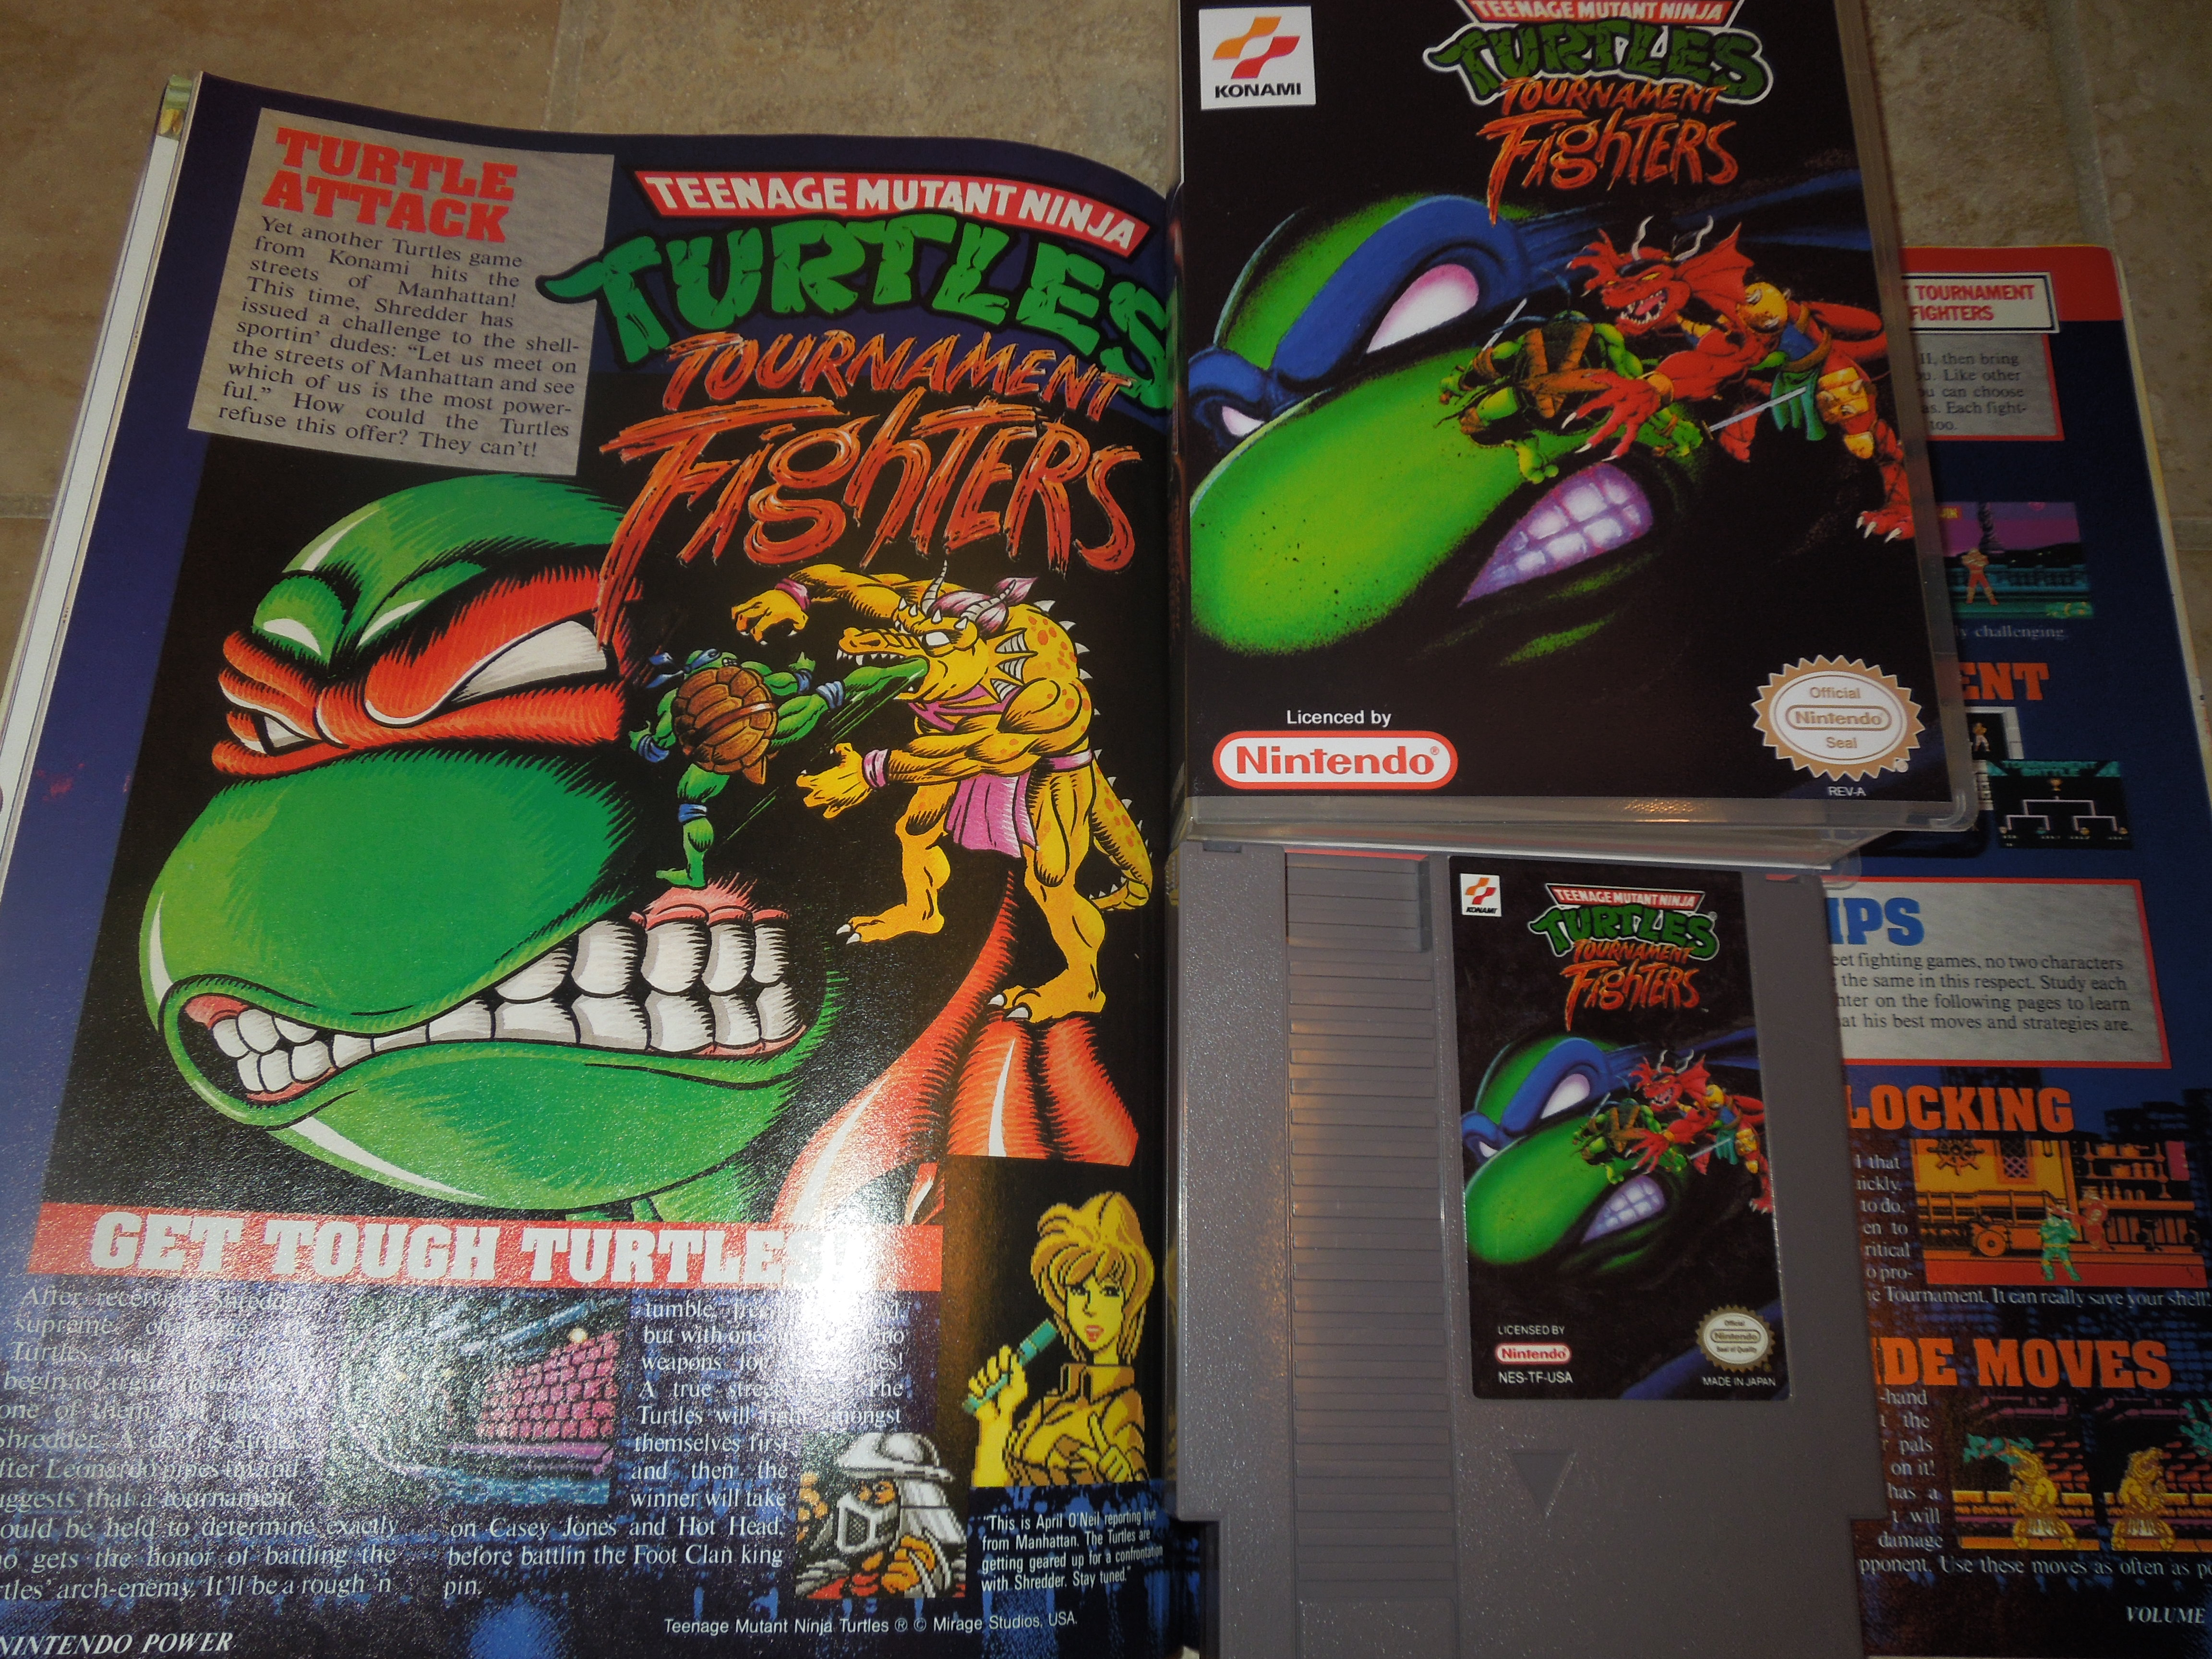 Nes Teenage Mutant Ninja Turtles Tournament Fighters